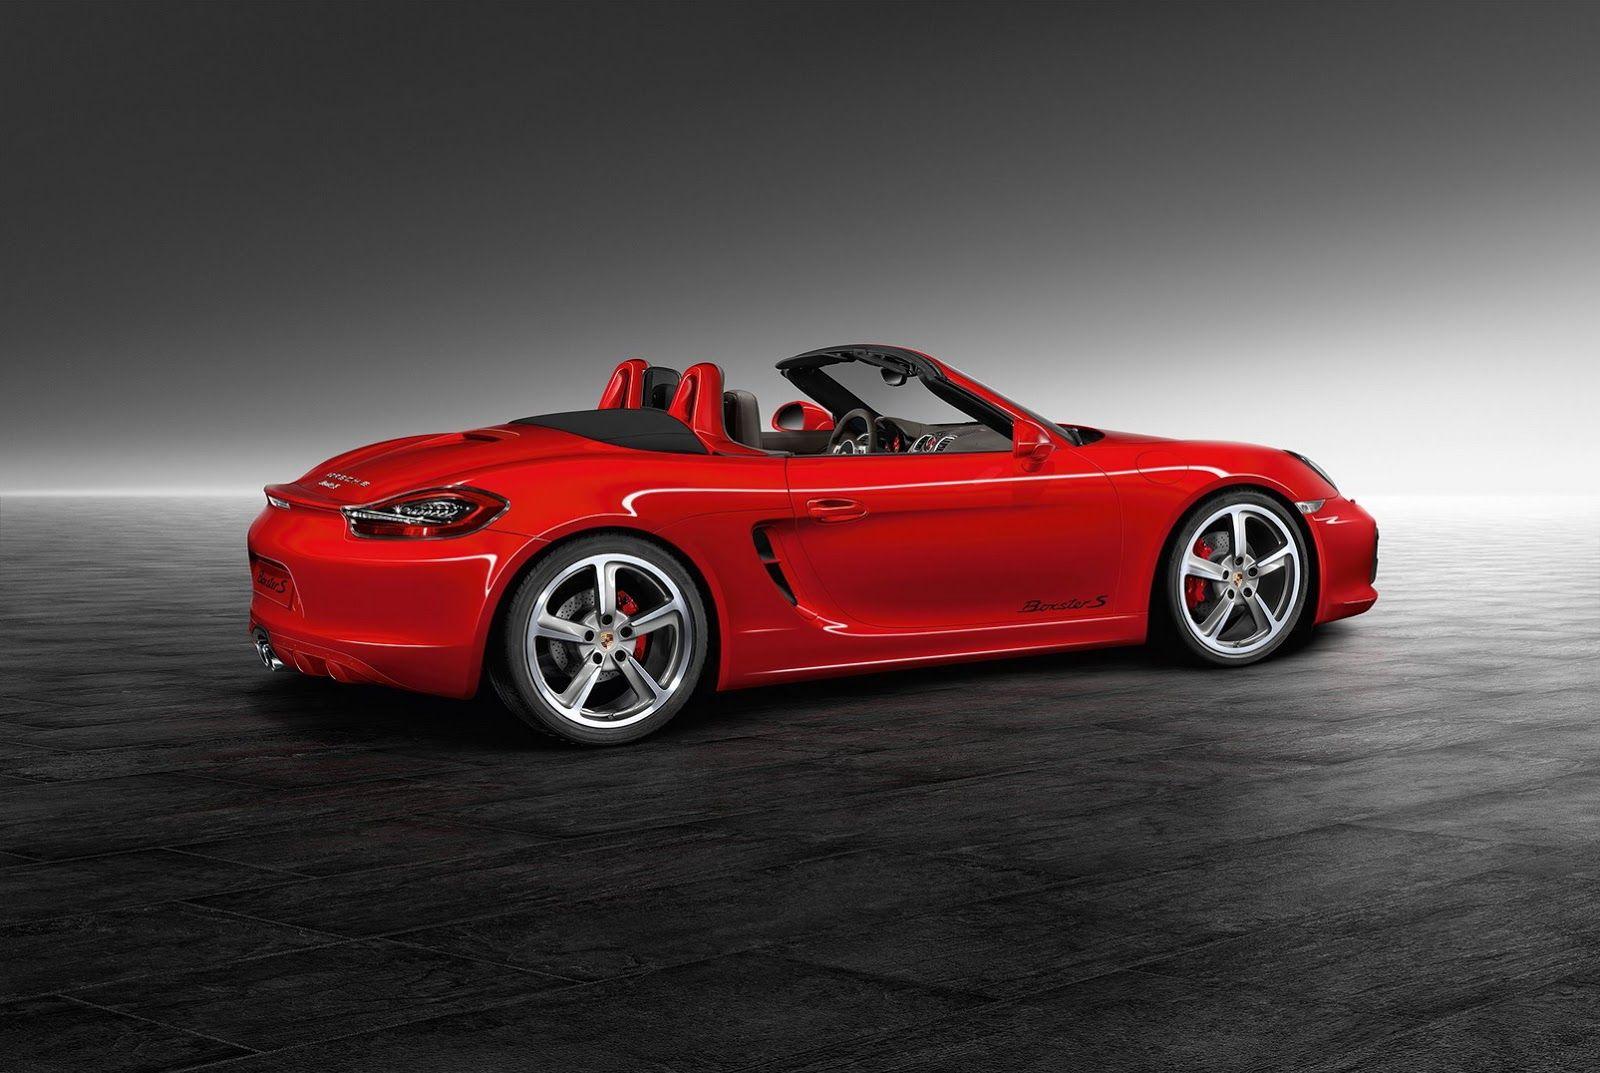 Imagem relacionada Porsche boxster, Porsche boxter, Porsche